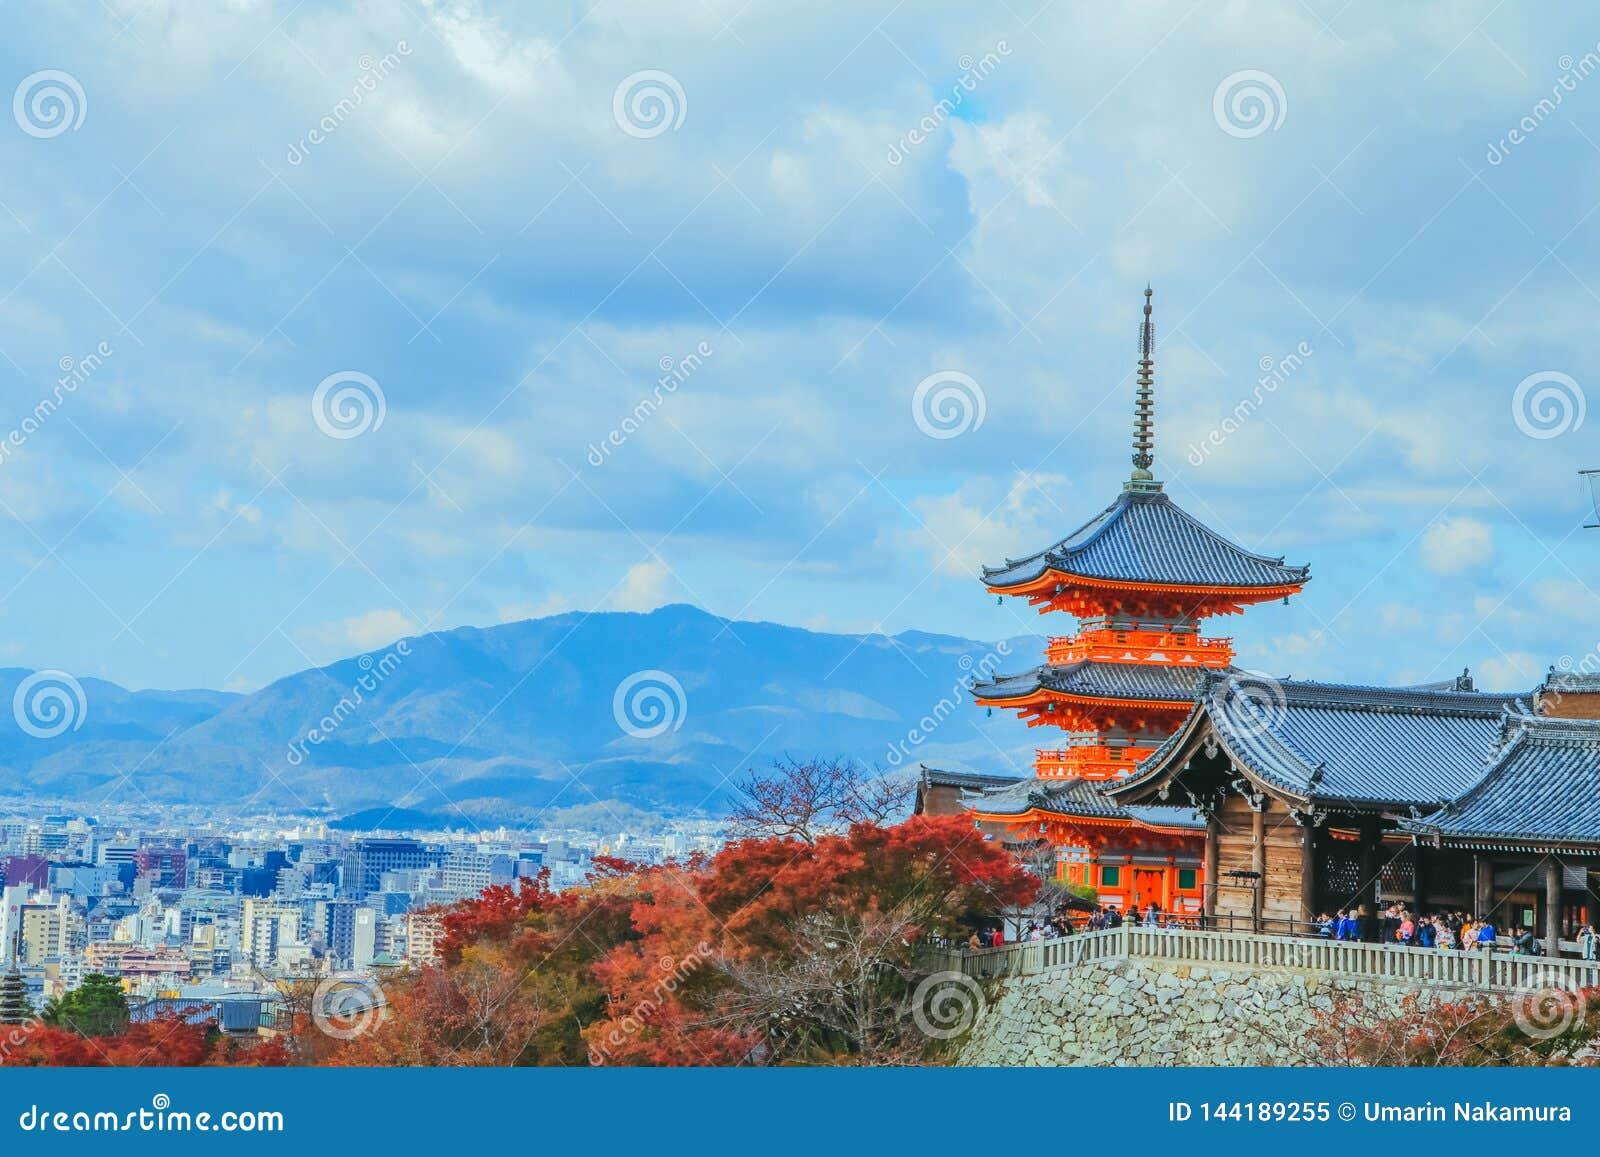 Kiyomizu-deratempel ist azenbuddhistisches templein autum Jahreszeit und in einer des populärsten Gebäude inKyoto Japan